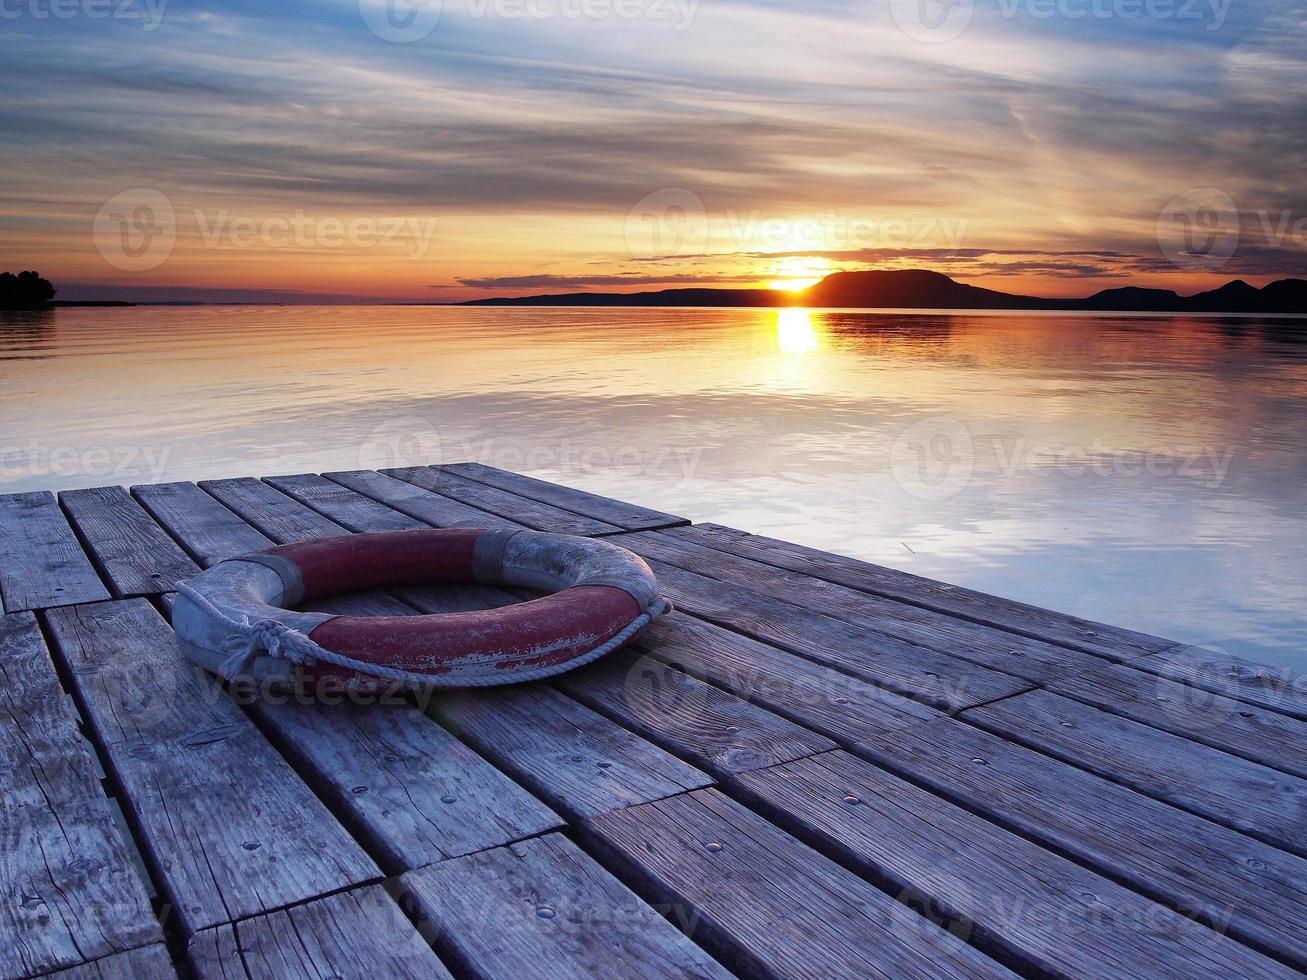 cintura di salvataggio sul molo al tramonto foto